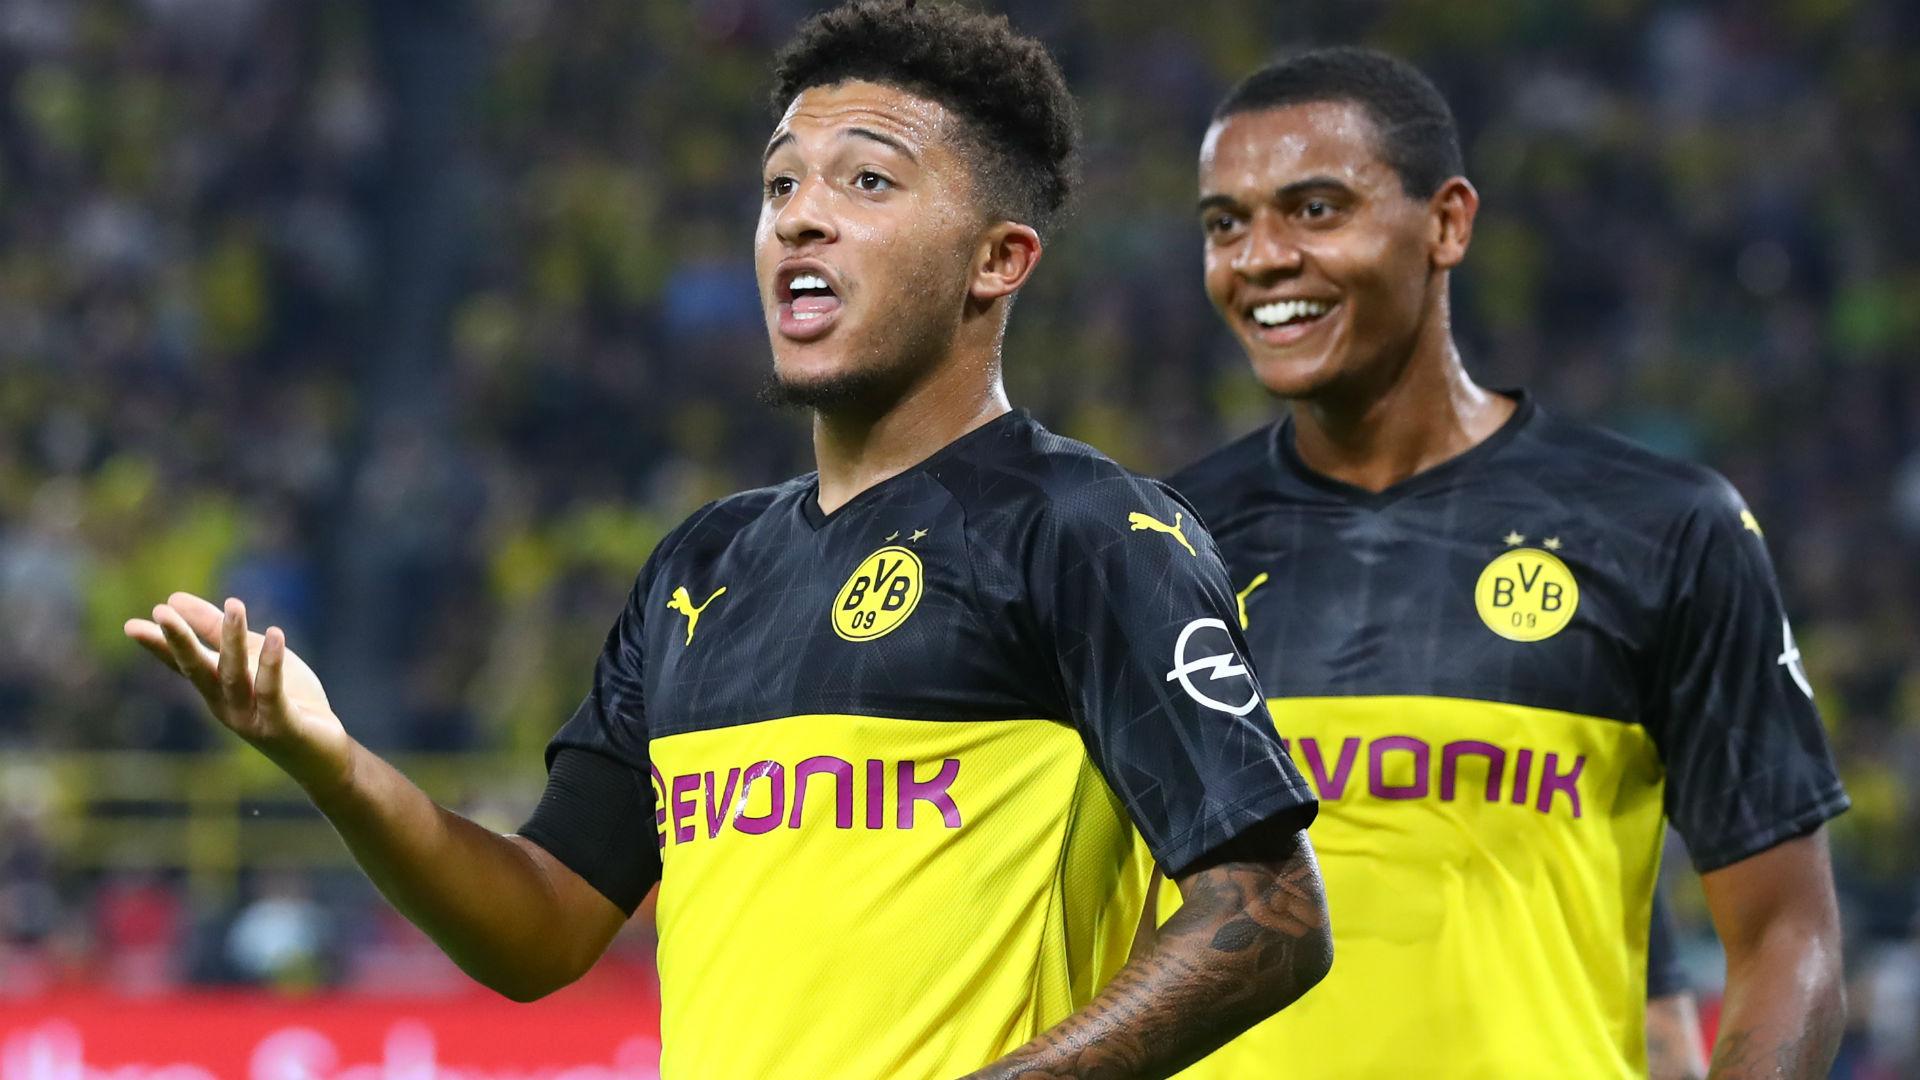 Witsel revels in Bayern's Sancho fear